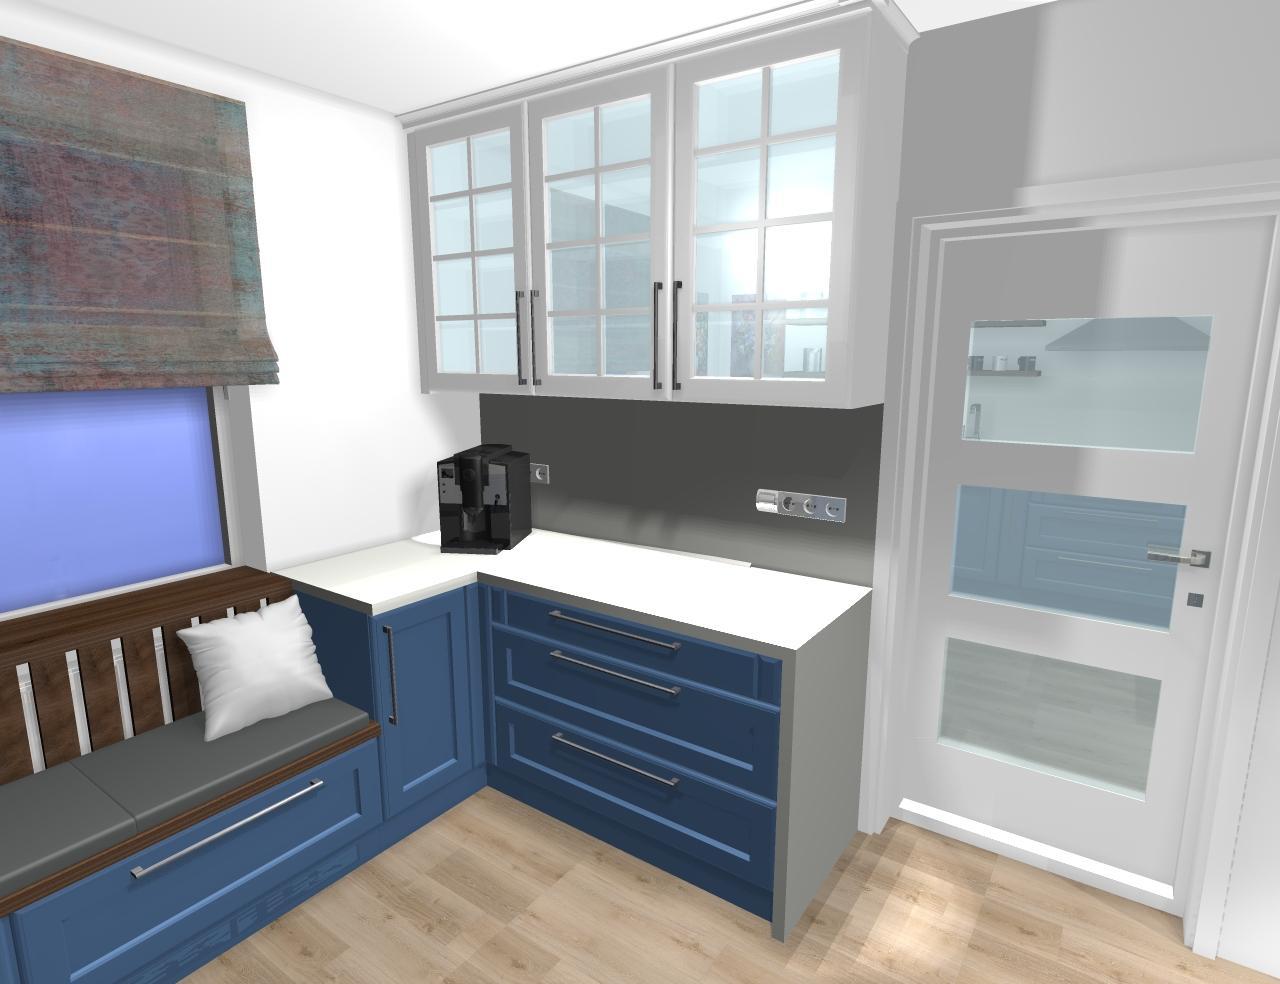 Grafické návrhy kuchynských liniek 2020 - Grafický návrh kuchynskej linky do rodinného domu vo Svätom Antone - obr.6